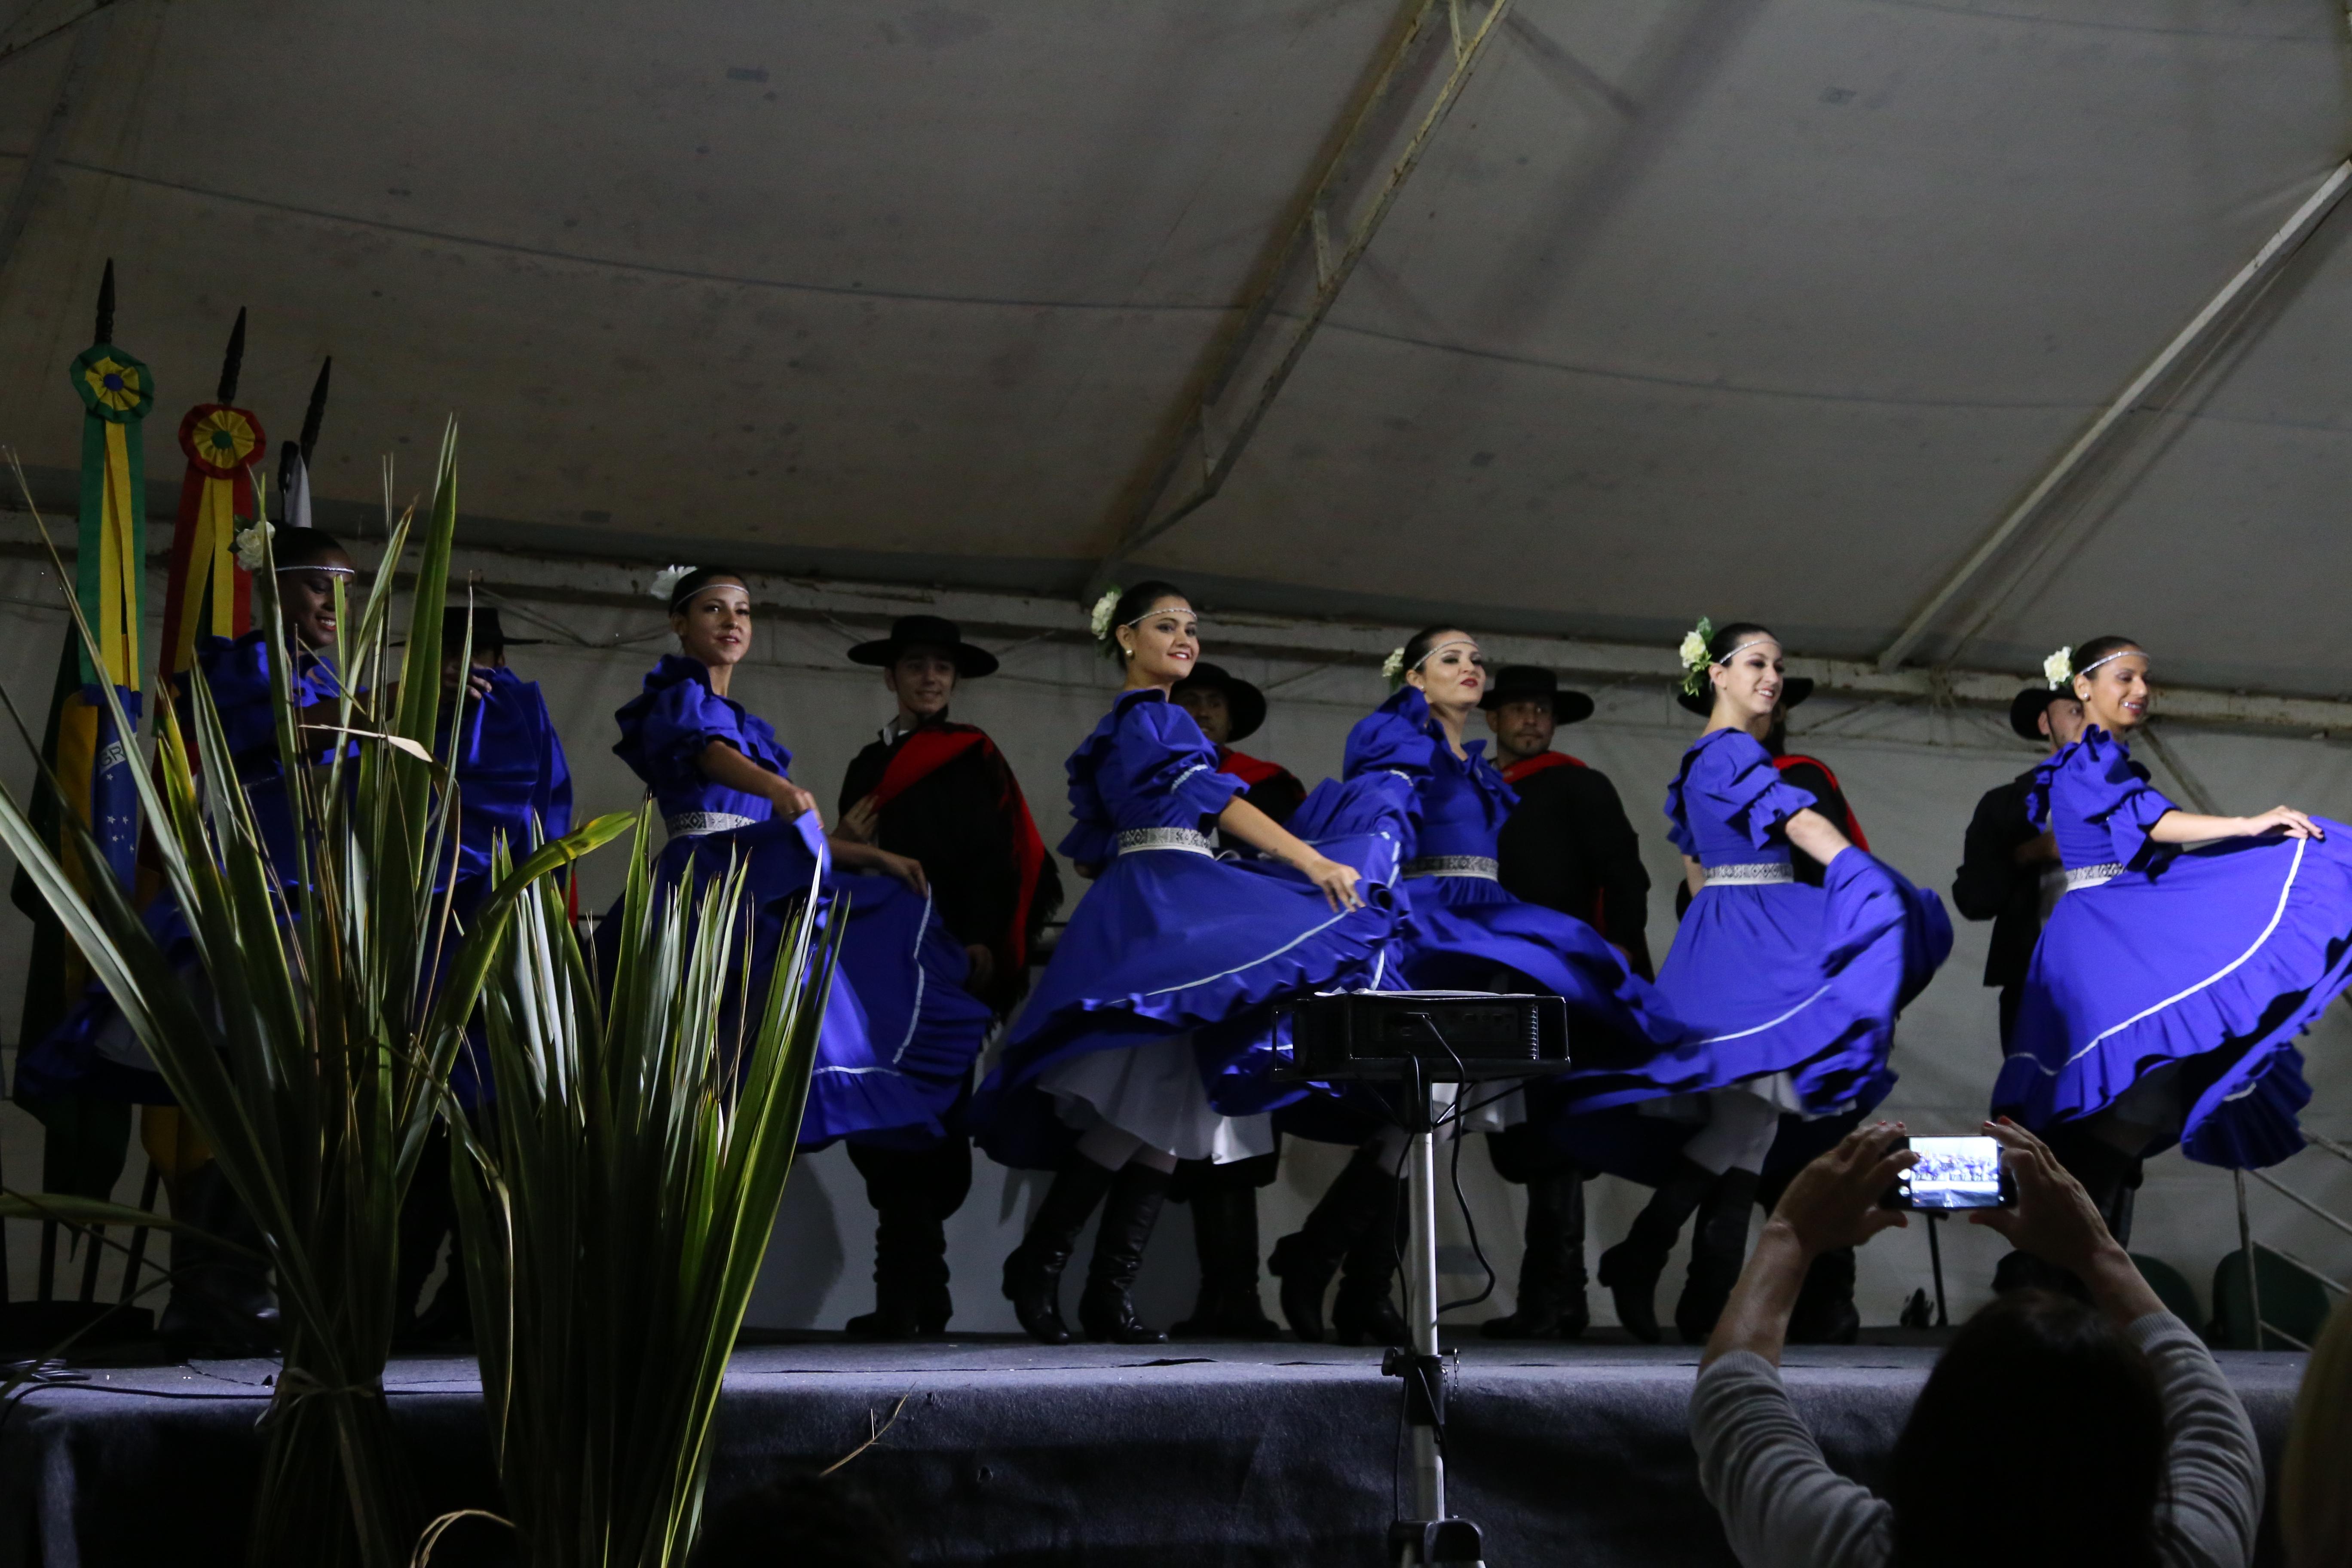 Doze pessoas dançando com trajes gaúchos. Mulheres a frente e homens ao fundo.